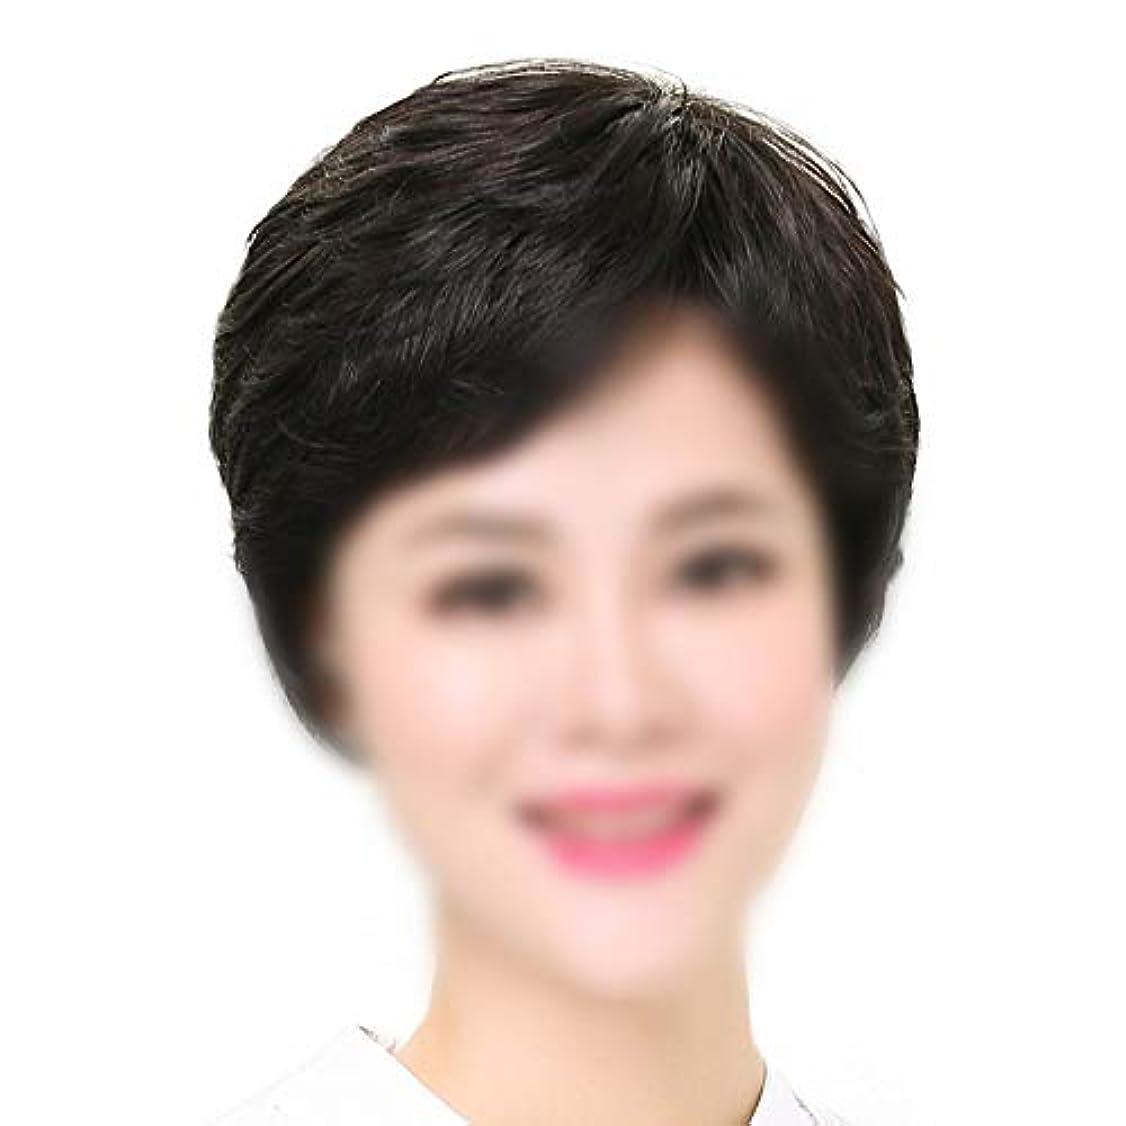 宅配便相談つらいYOUQIU フル手織り女性の自然な人間の髪マイクロ波ショートヘアウィッグかつら中年 (色 : Natural black, サイズ : Hand-needle)